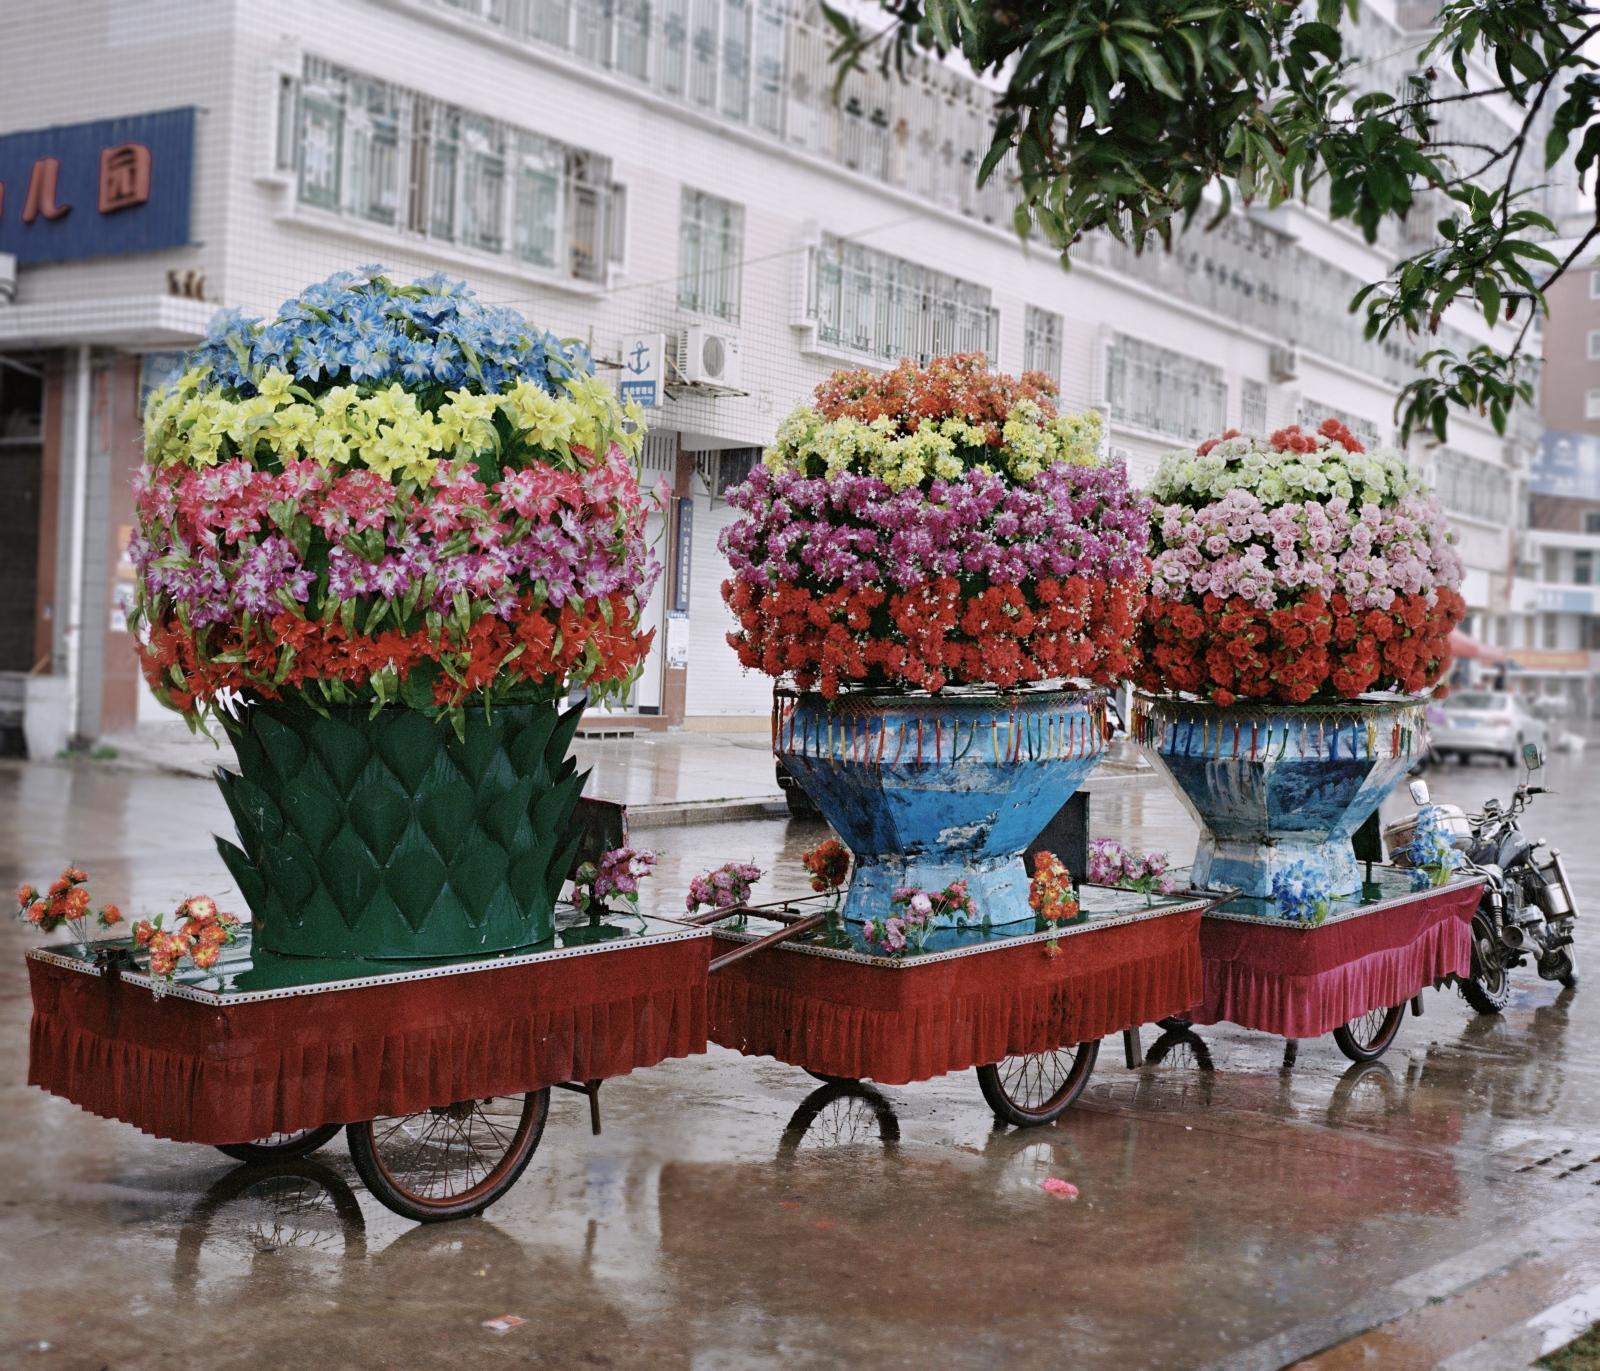 Funeral Parade, Guan Tou village 琯头